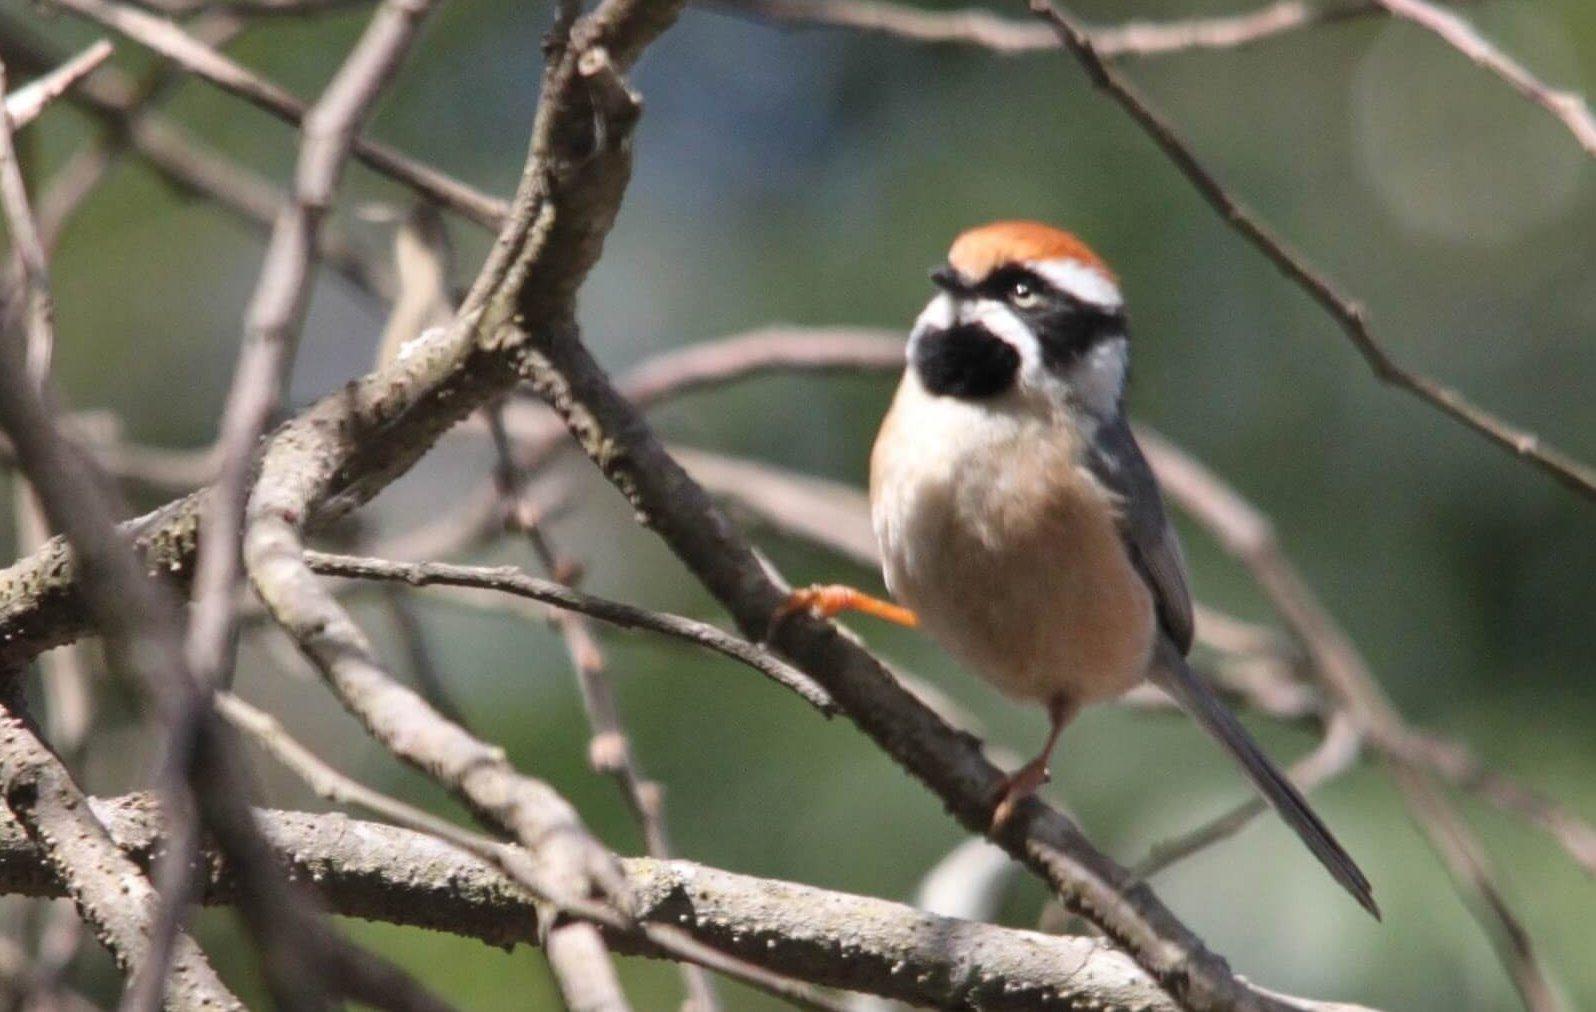 Pangot and Kilbury Bird Sanctuary